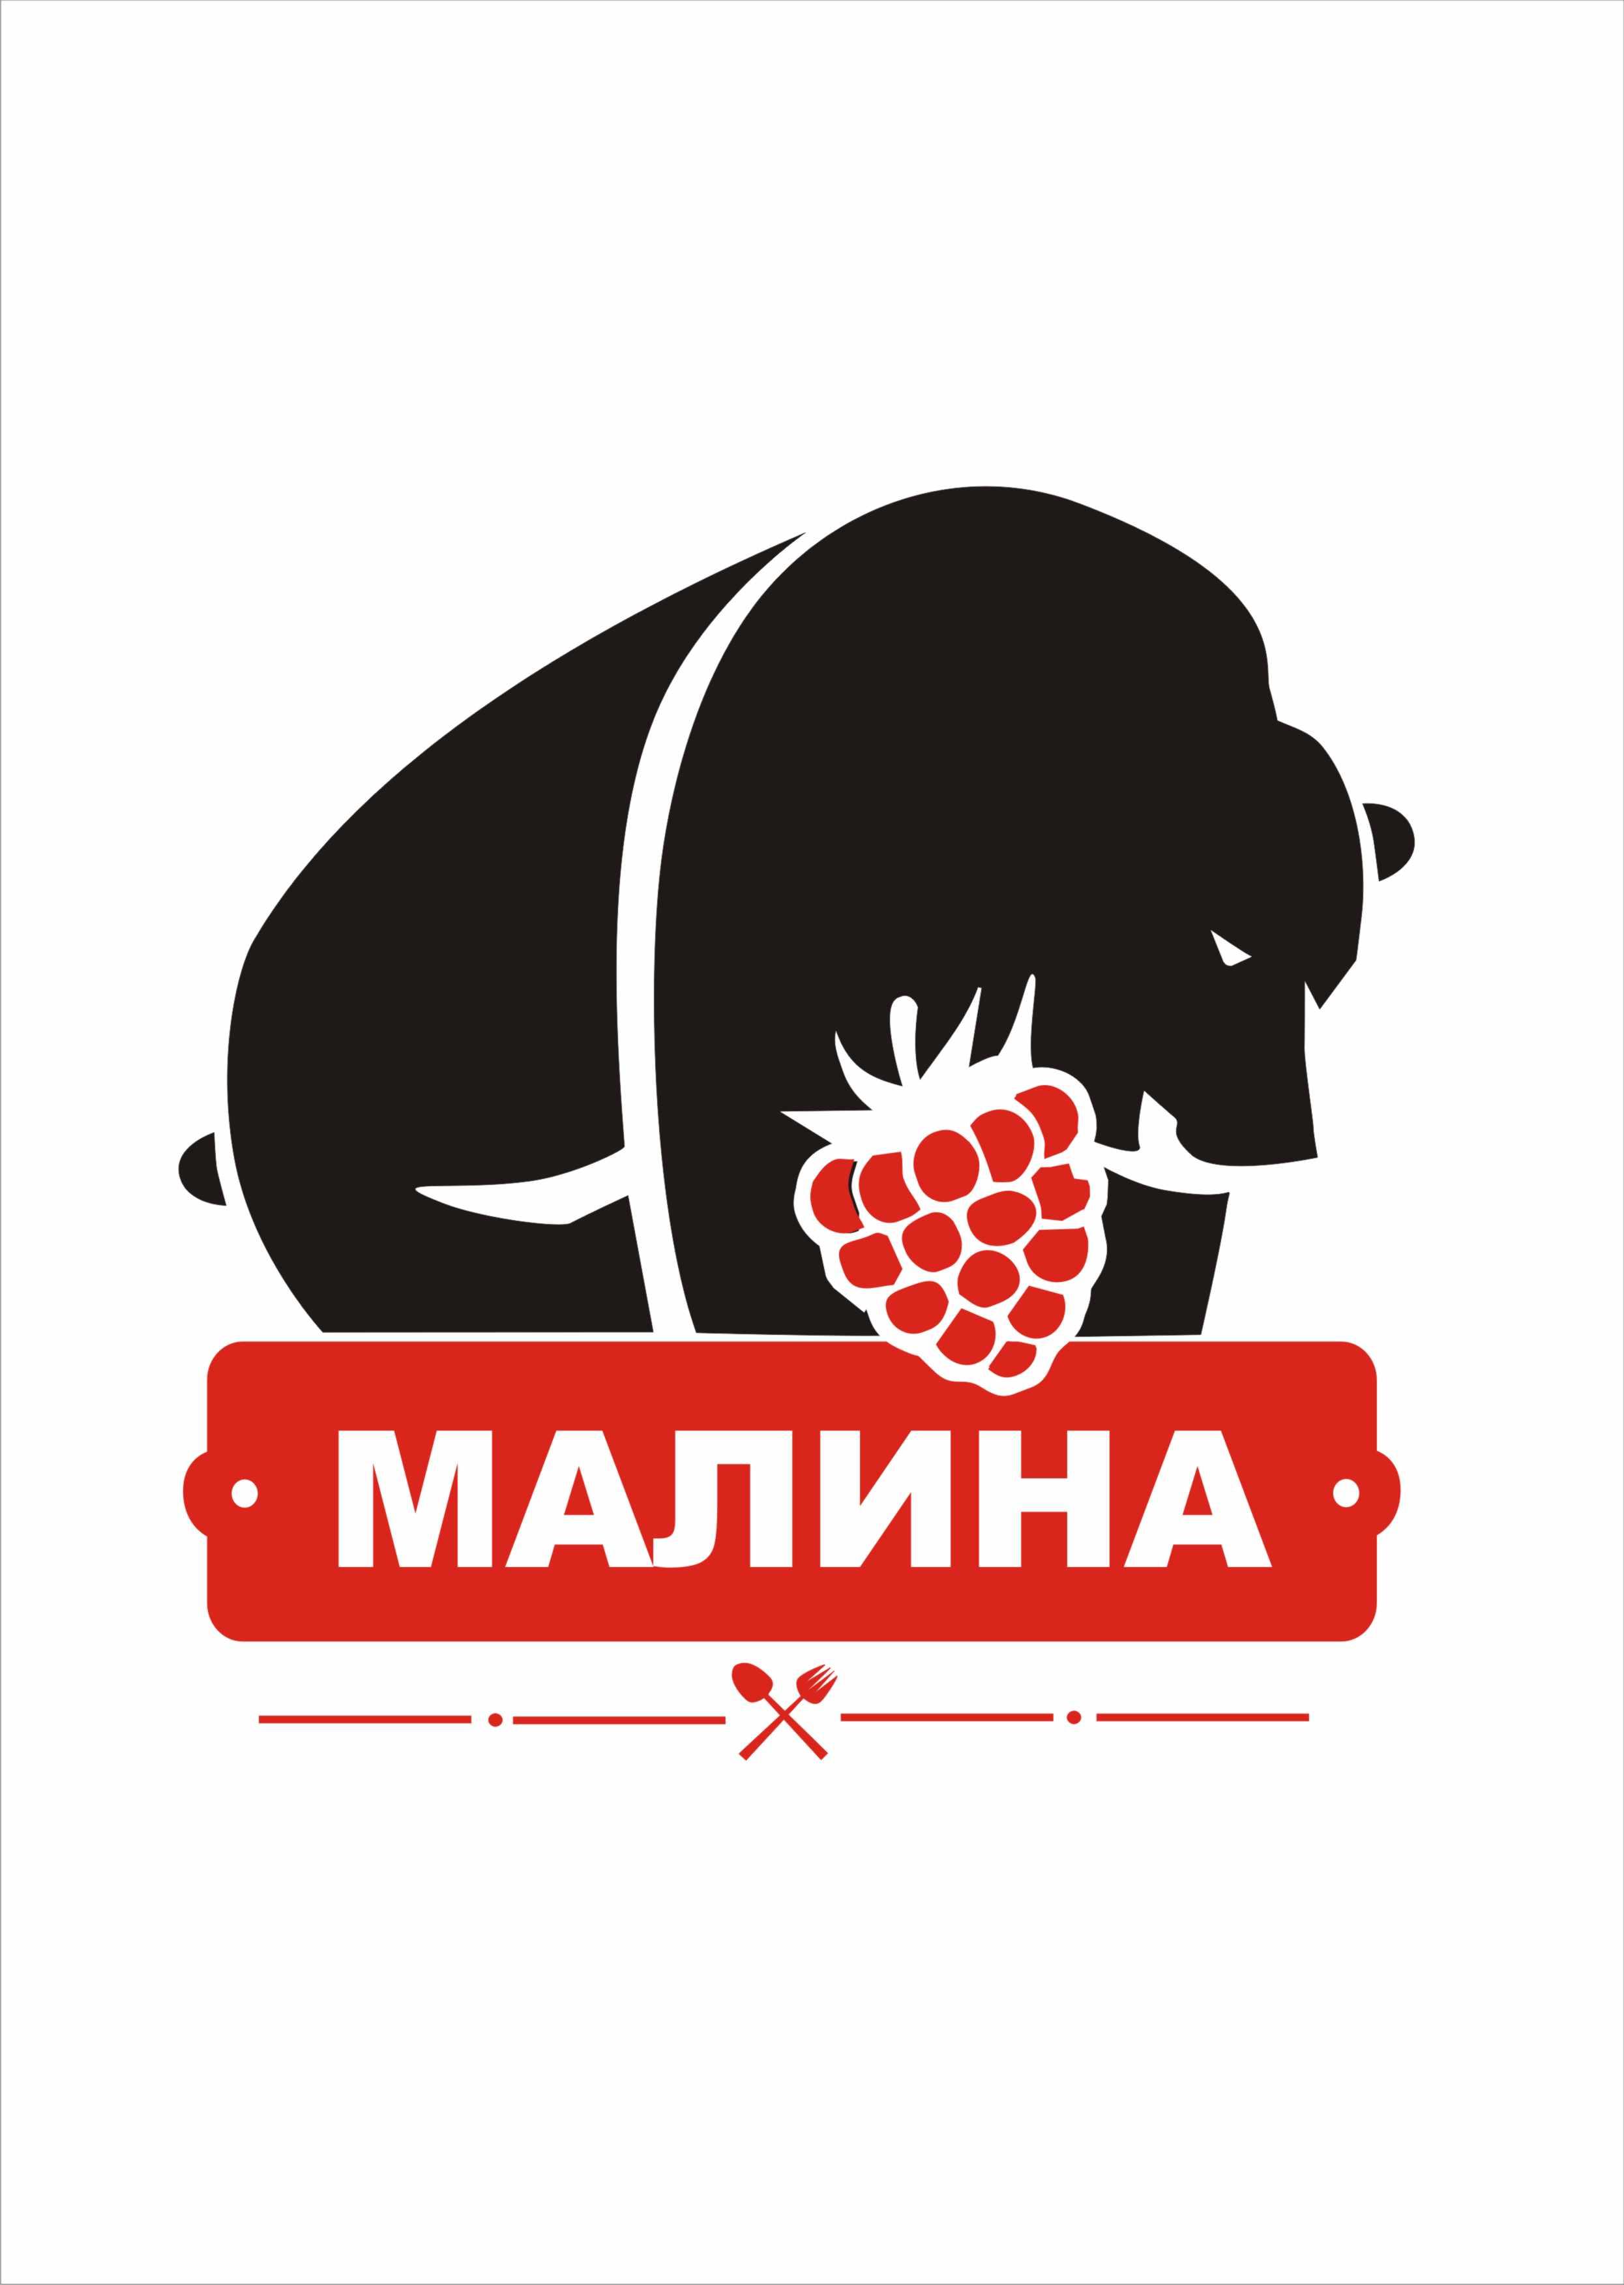 """Логотип для ресторана """"Малина"""" фото f_3065a895ad34e2f5.jpg"""